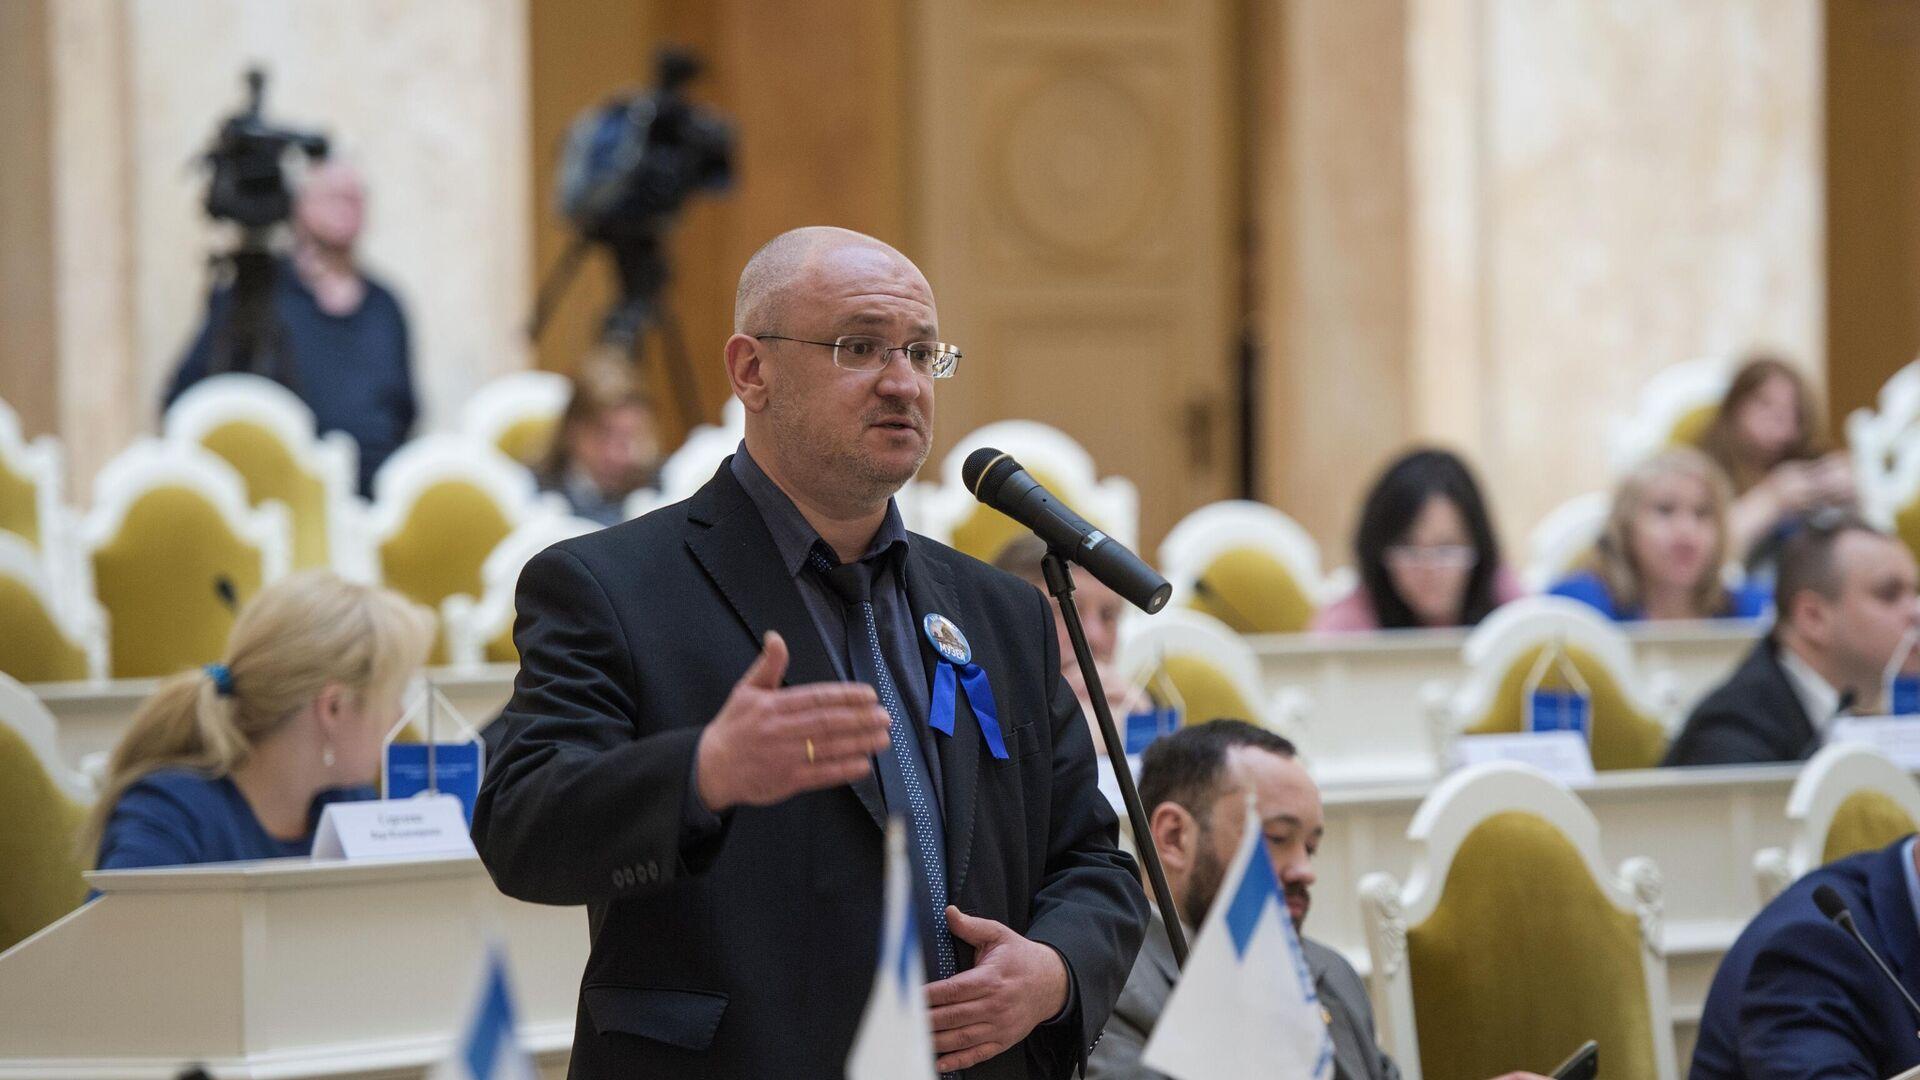 Maxim Réznik, diputado de la asamblea legislativa de San Petersburgo - Sputnik Mundo, 1920, 17.06.2021